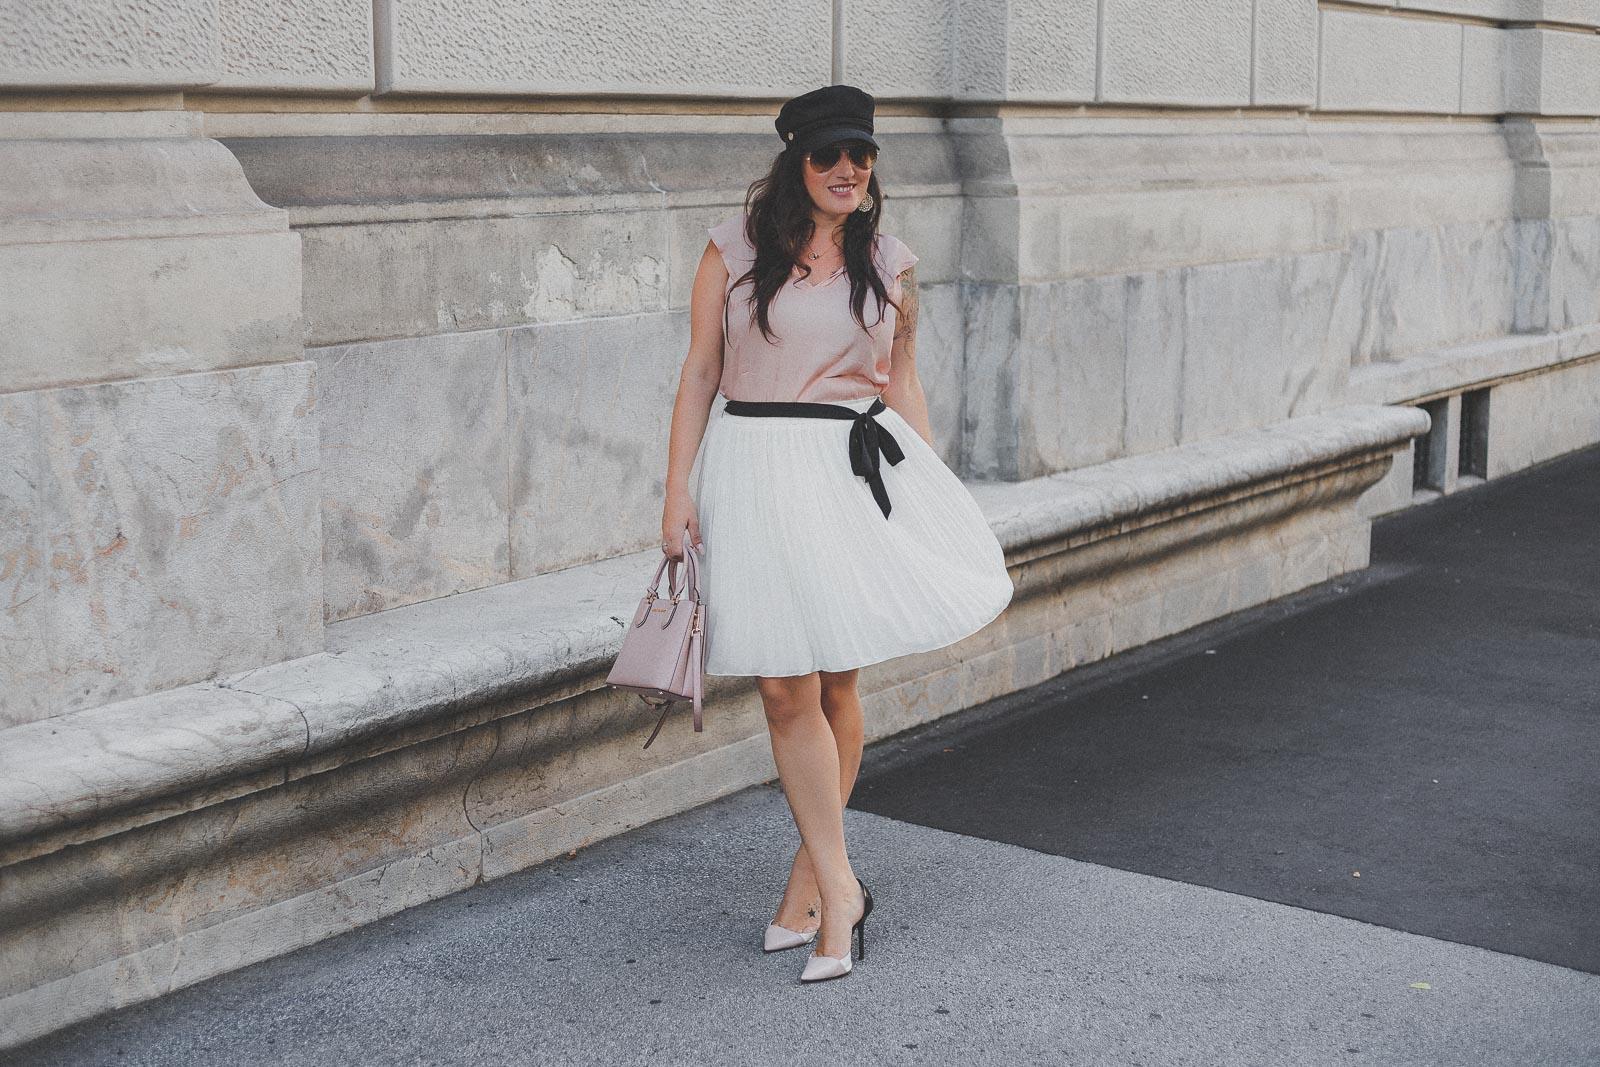 Sommerliches Outfit mit weißem Plisseerock, rosa Bluse und High Heels